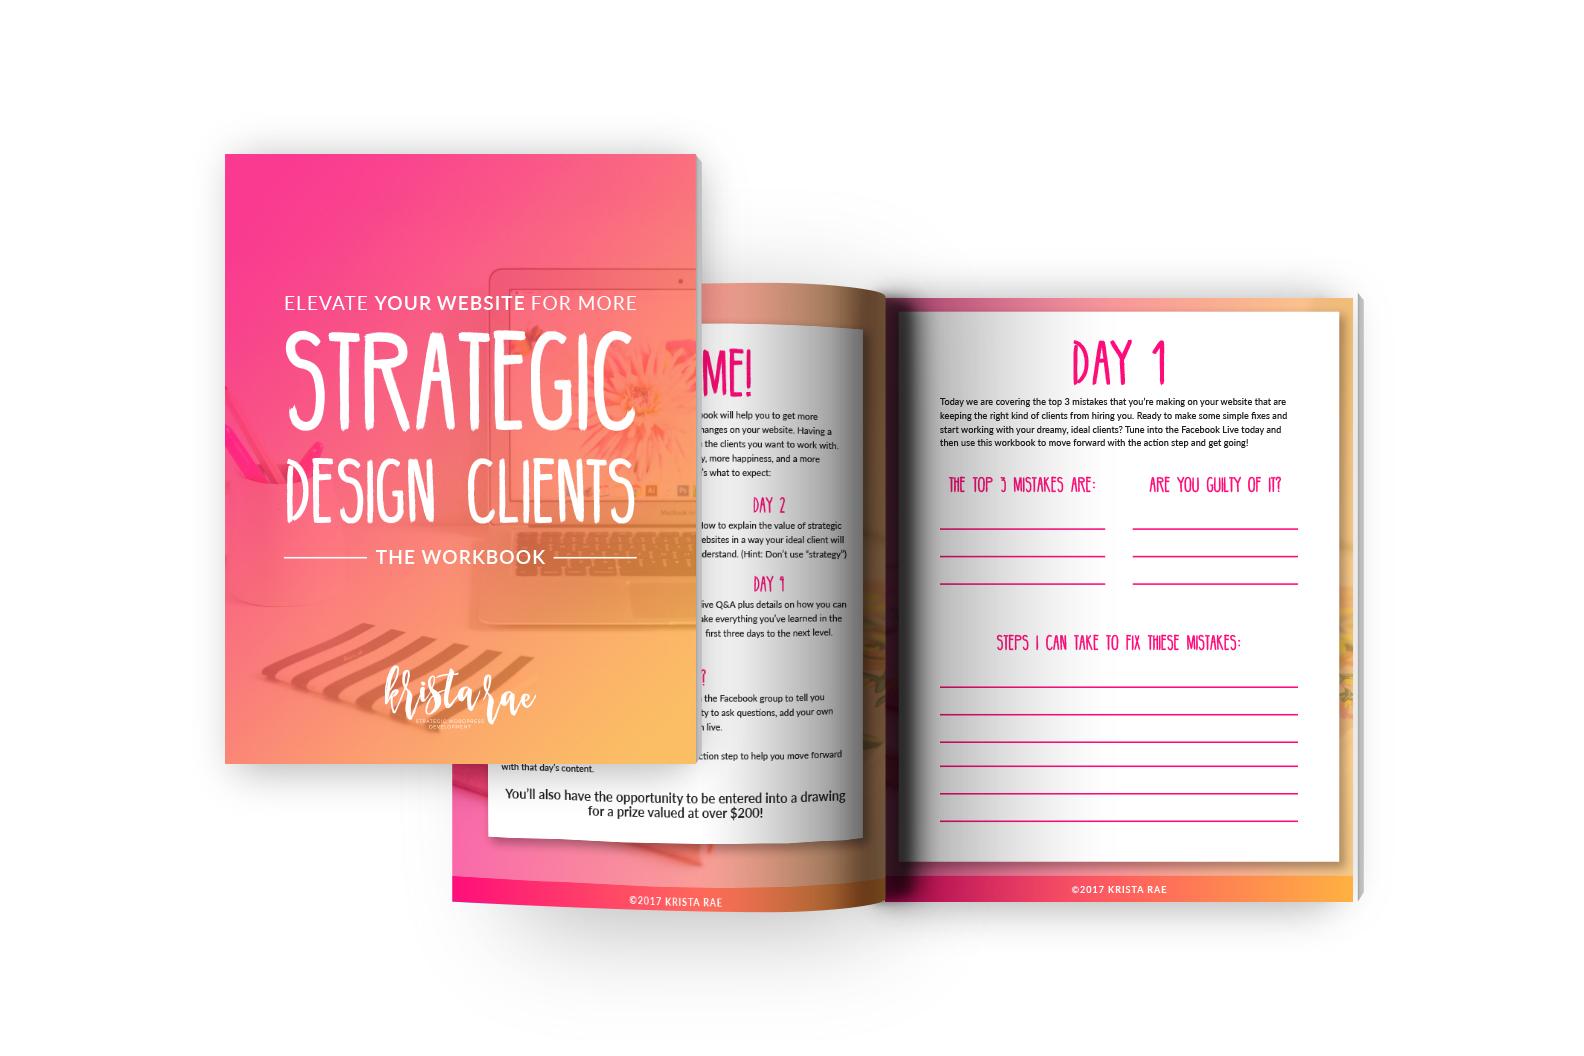 Elevate Your Website Workbook